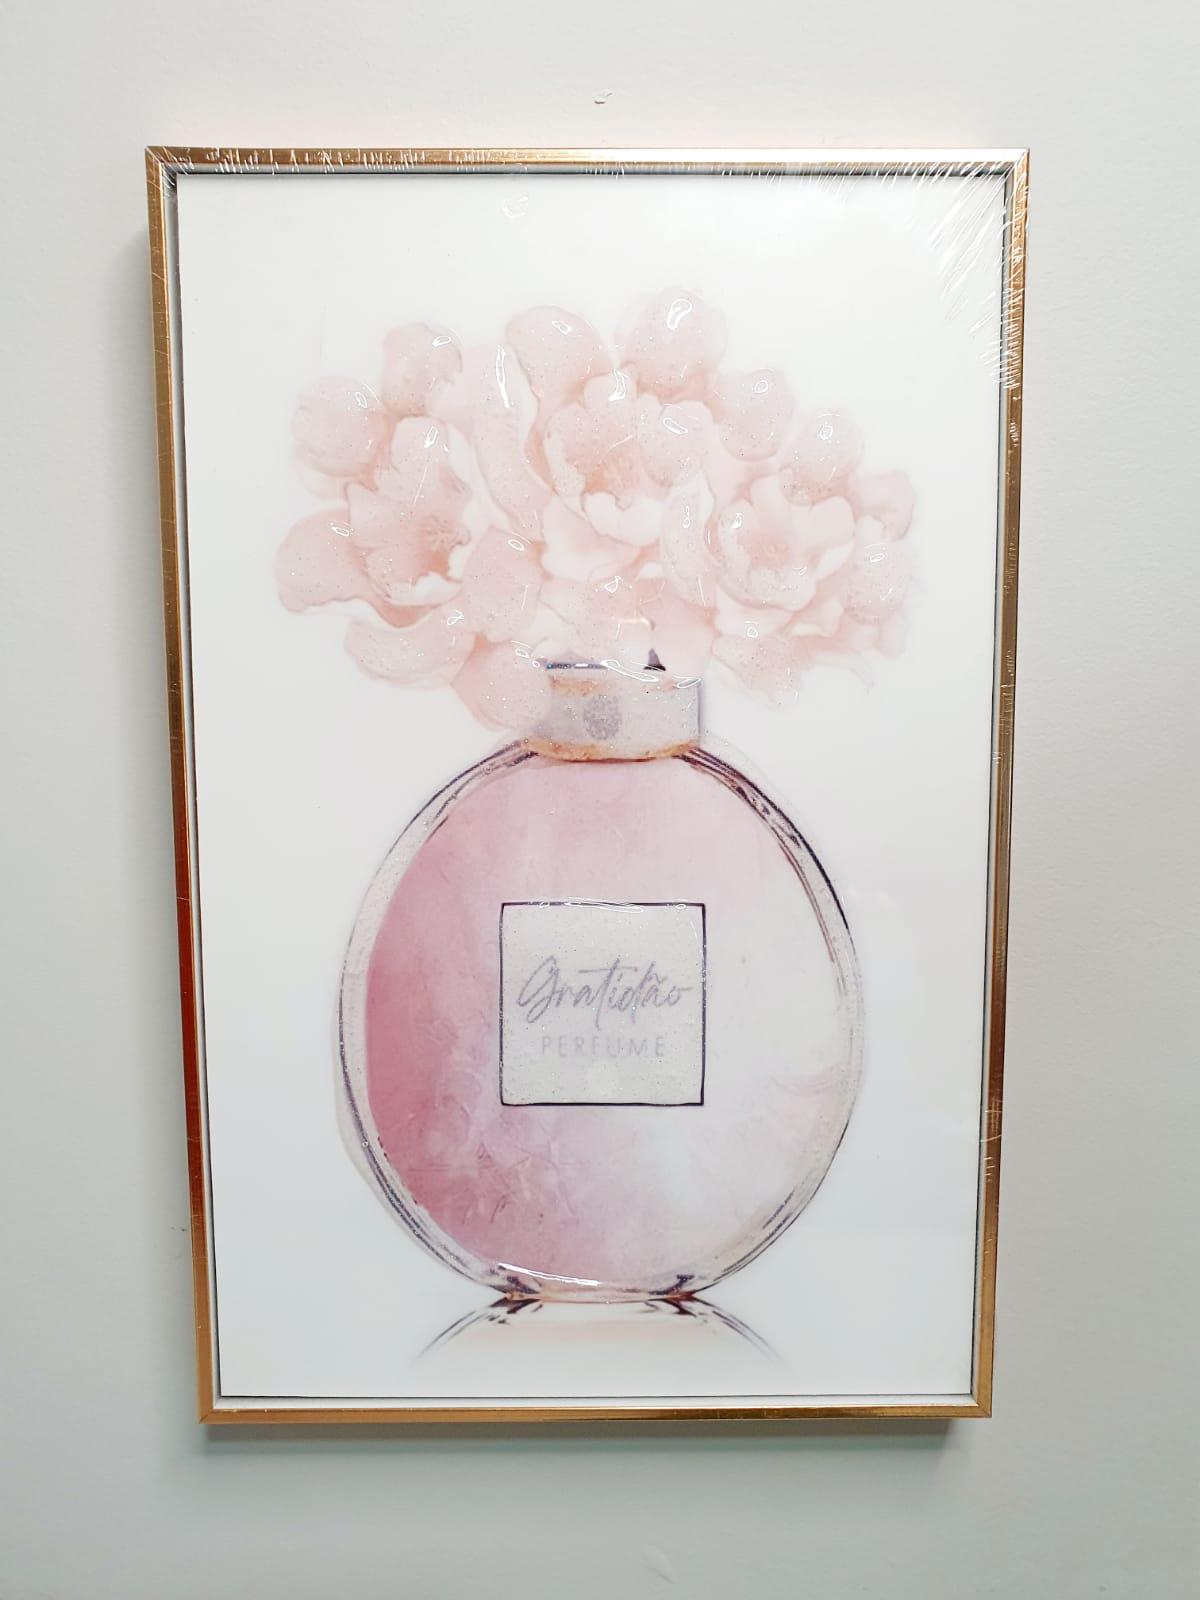 Quadro decorativo com moldura rose gold- Gratidão perfume.